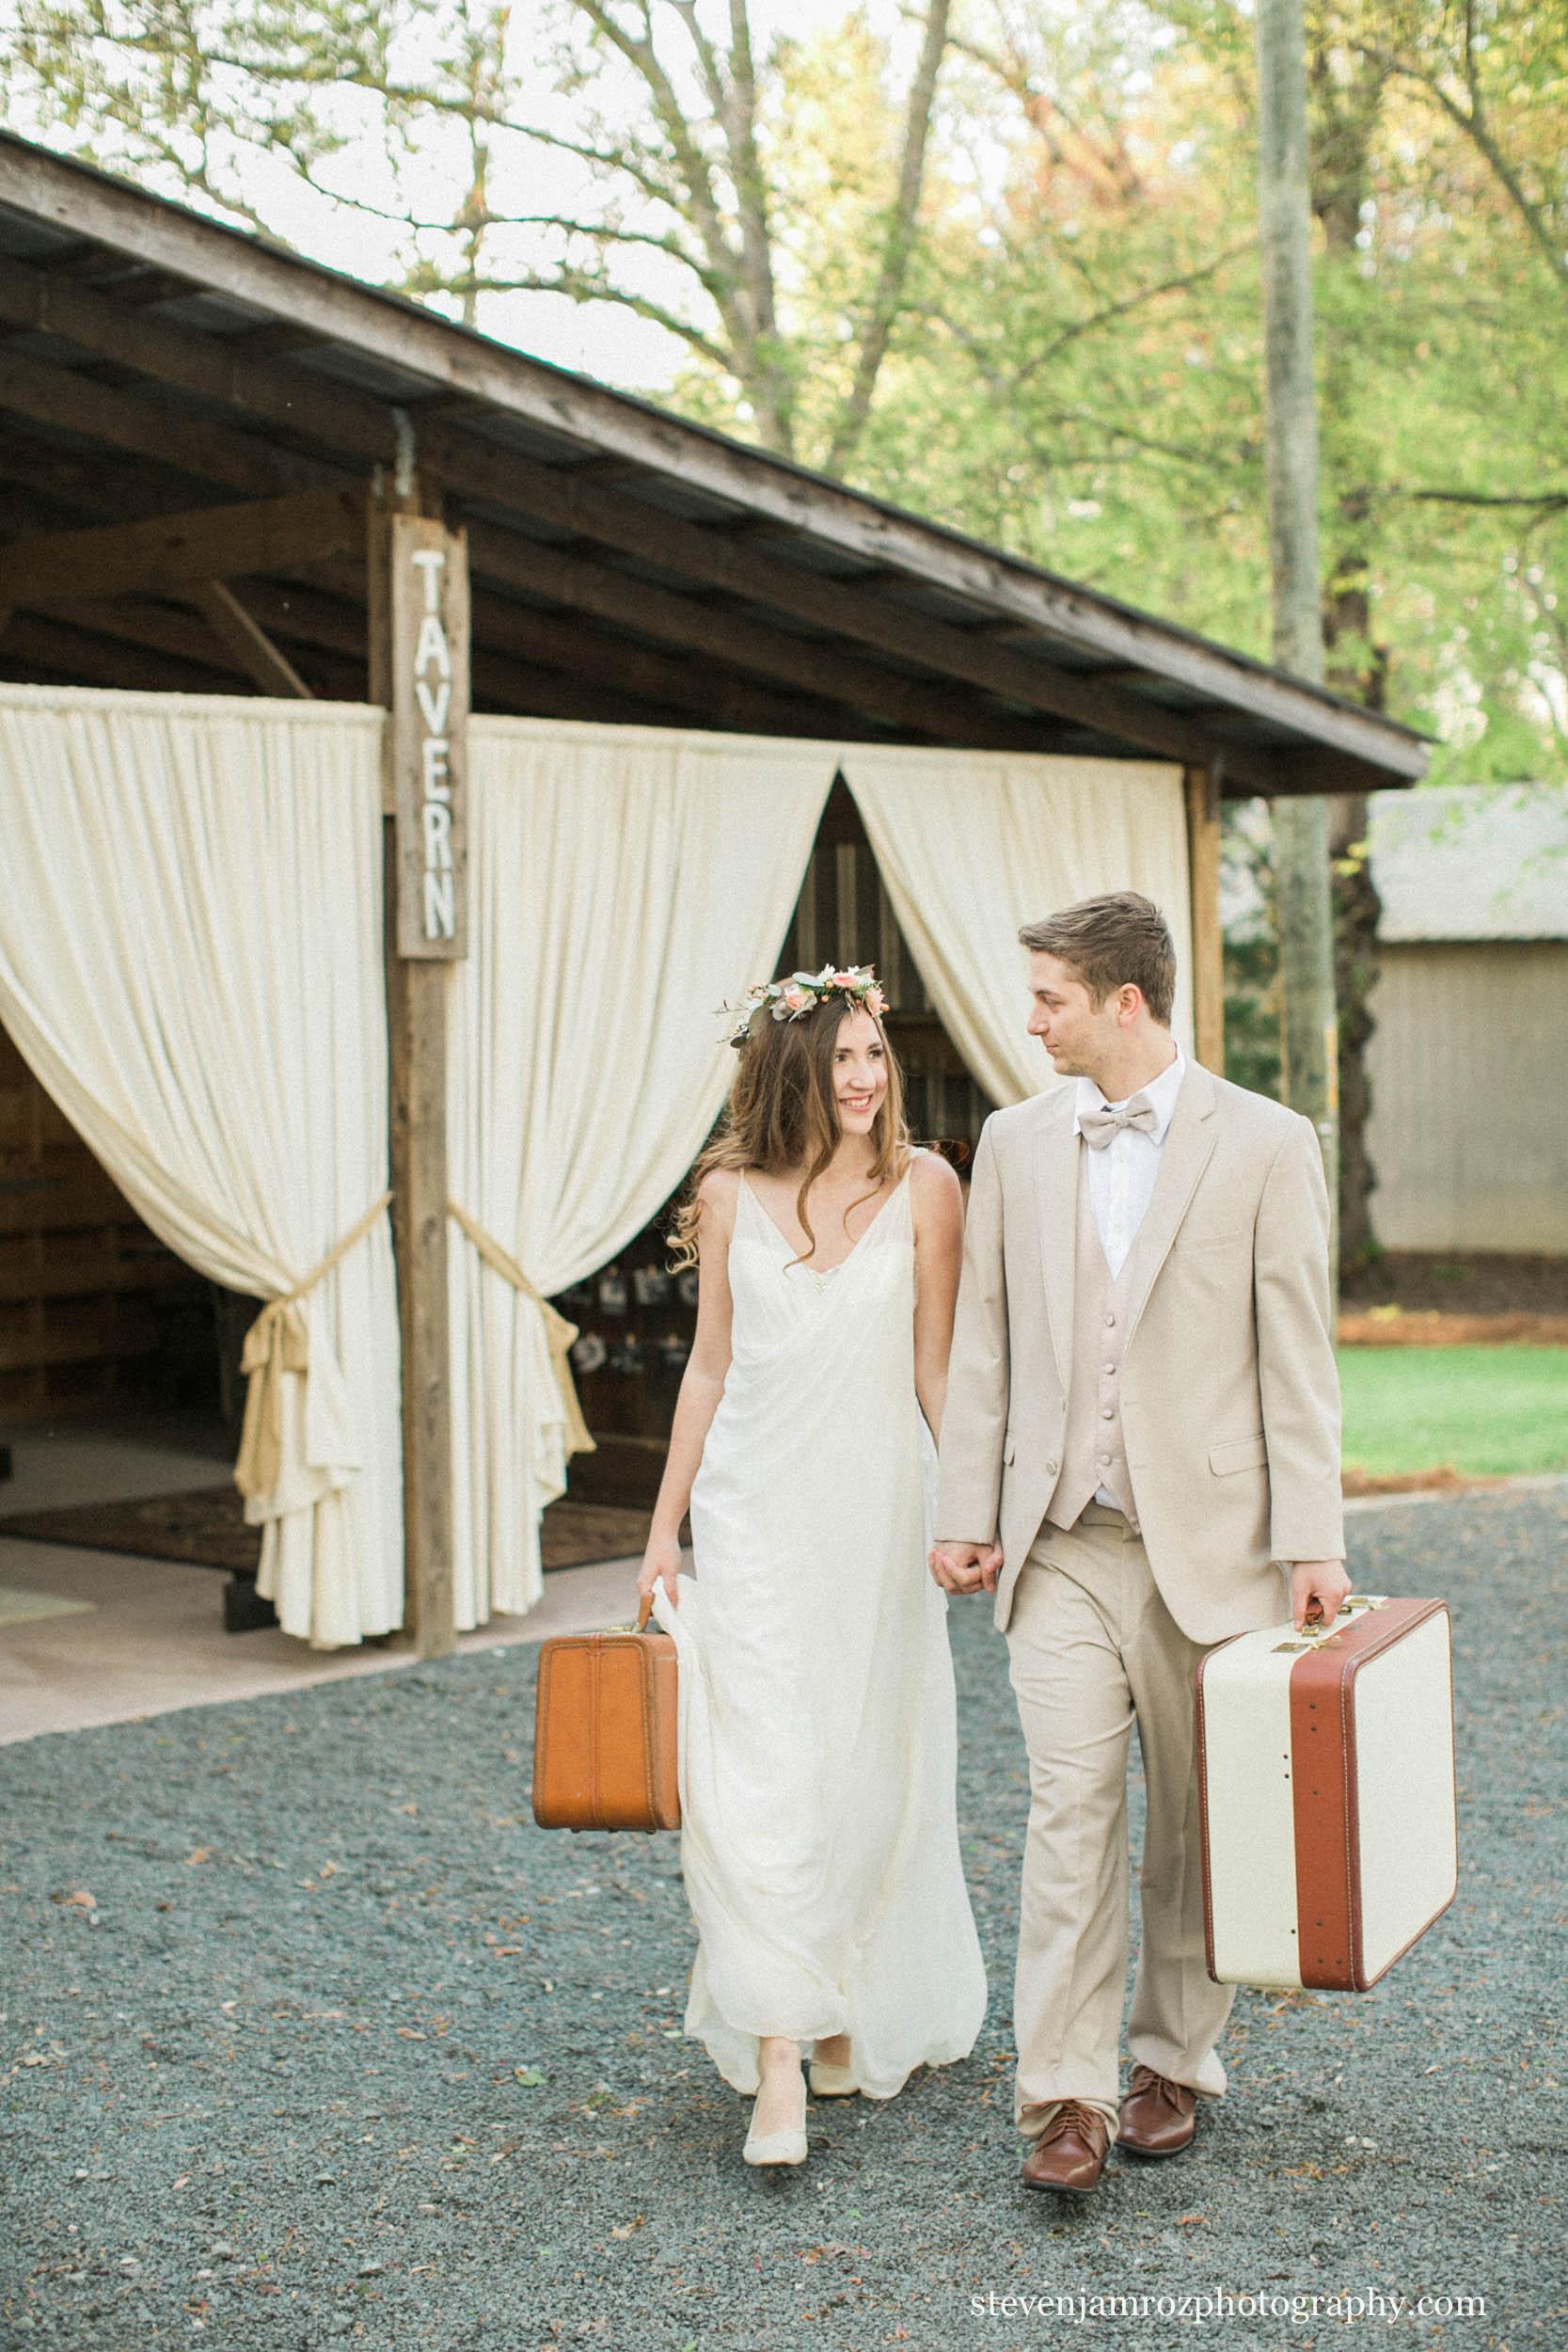 rustic-outdoor-barn-wedding-reception-creedmoor-raleigh-nc.jpg